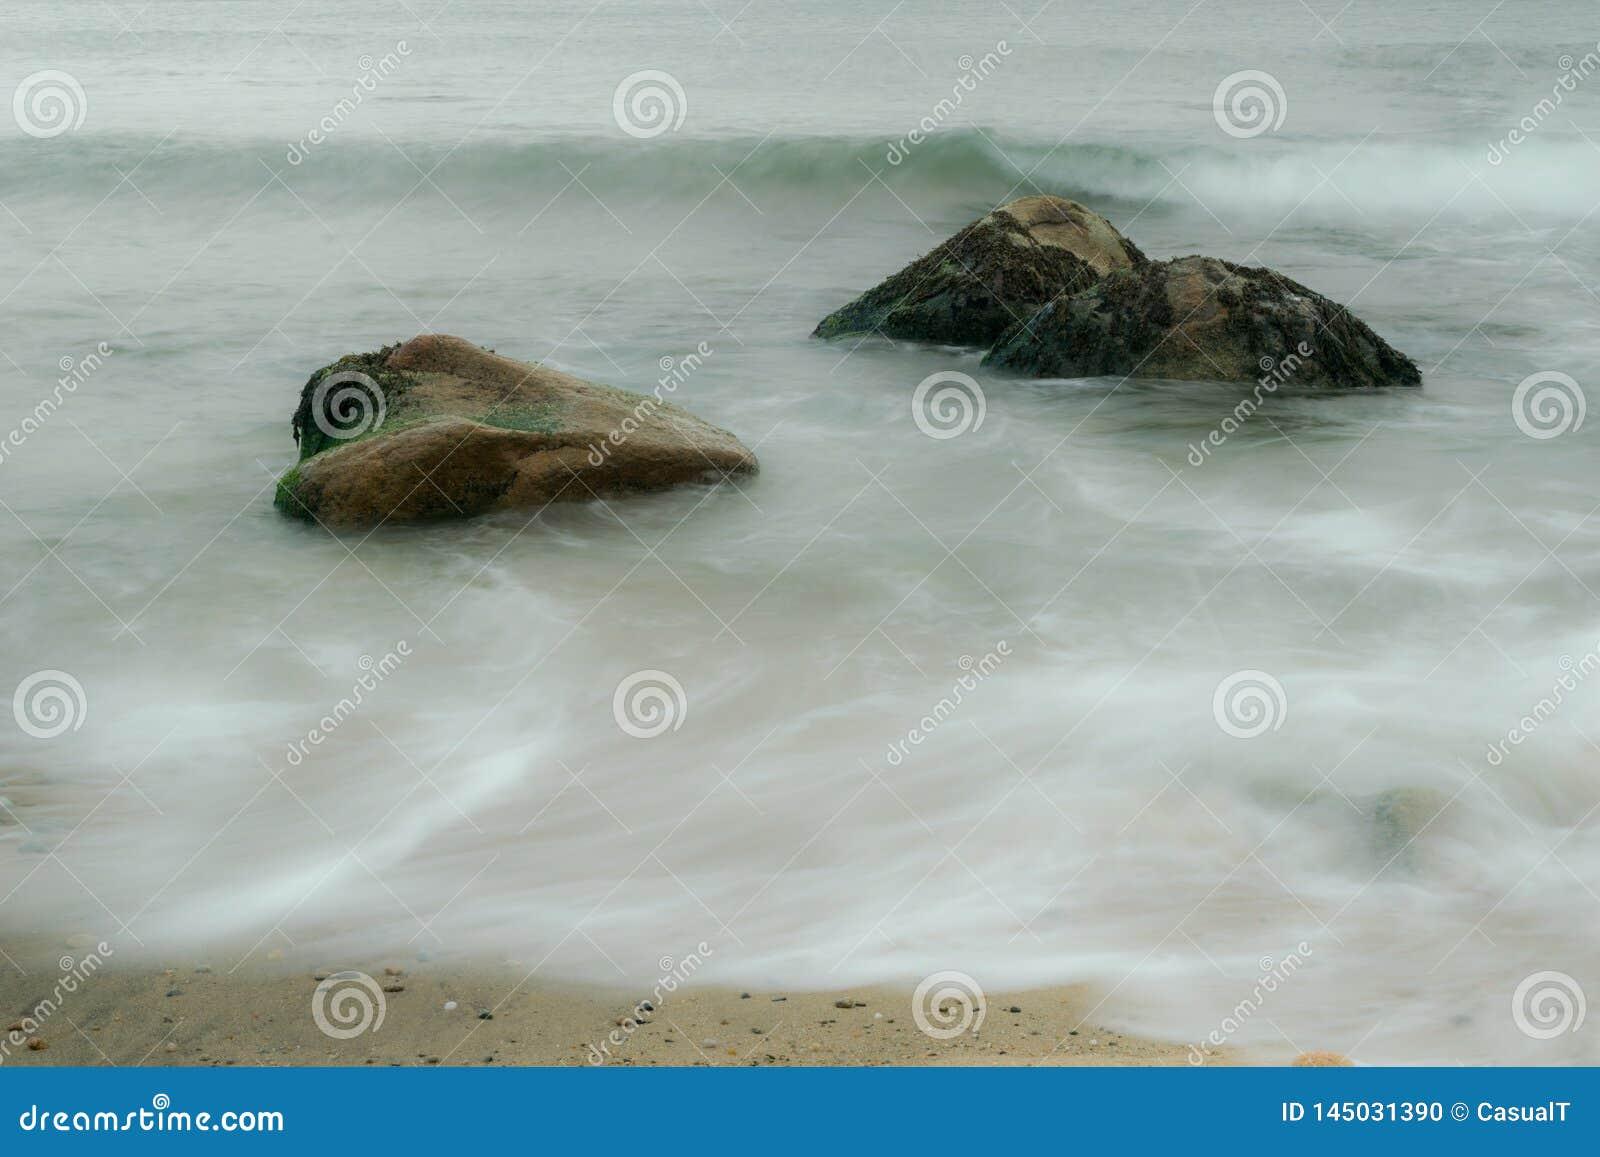 Exposição longa de ondas de oceano, fluindo em torno dos pedregulhos cobertos alga, ilha de bloco, RI